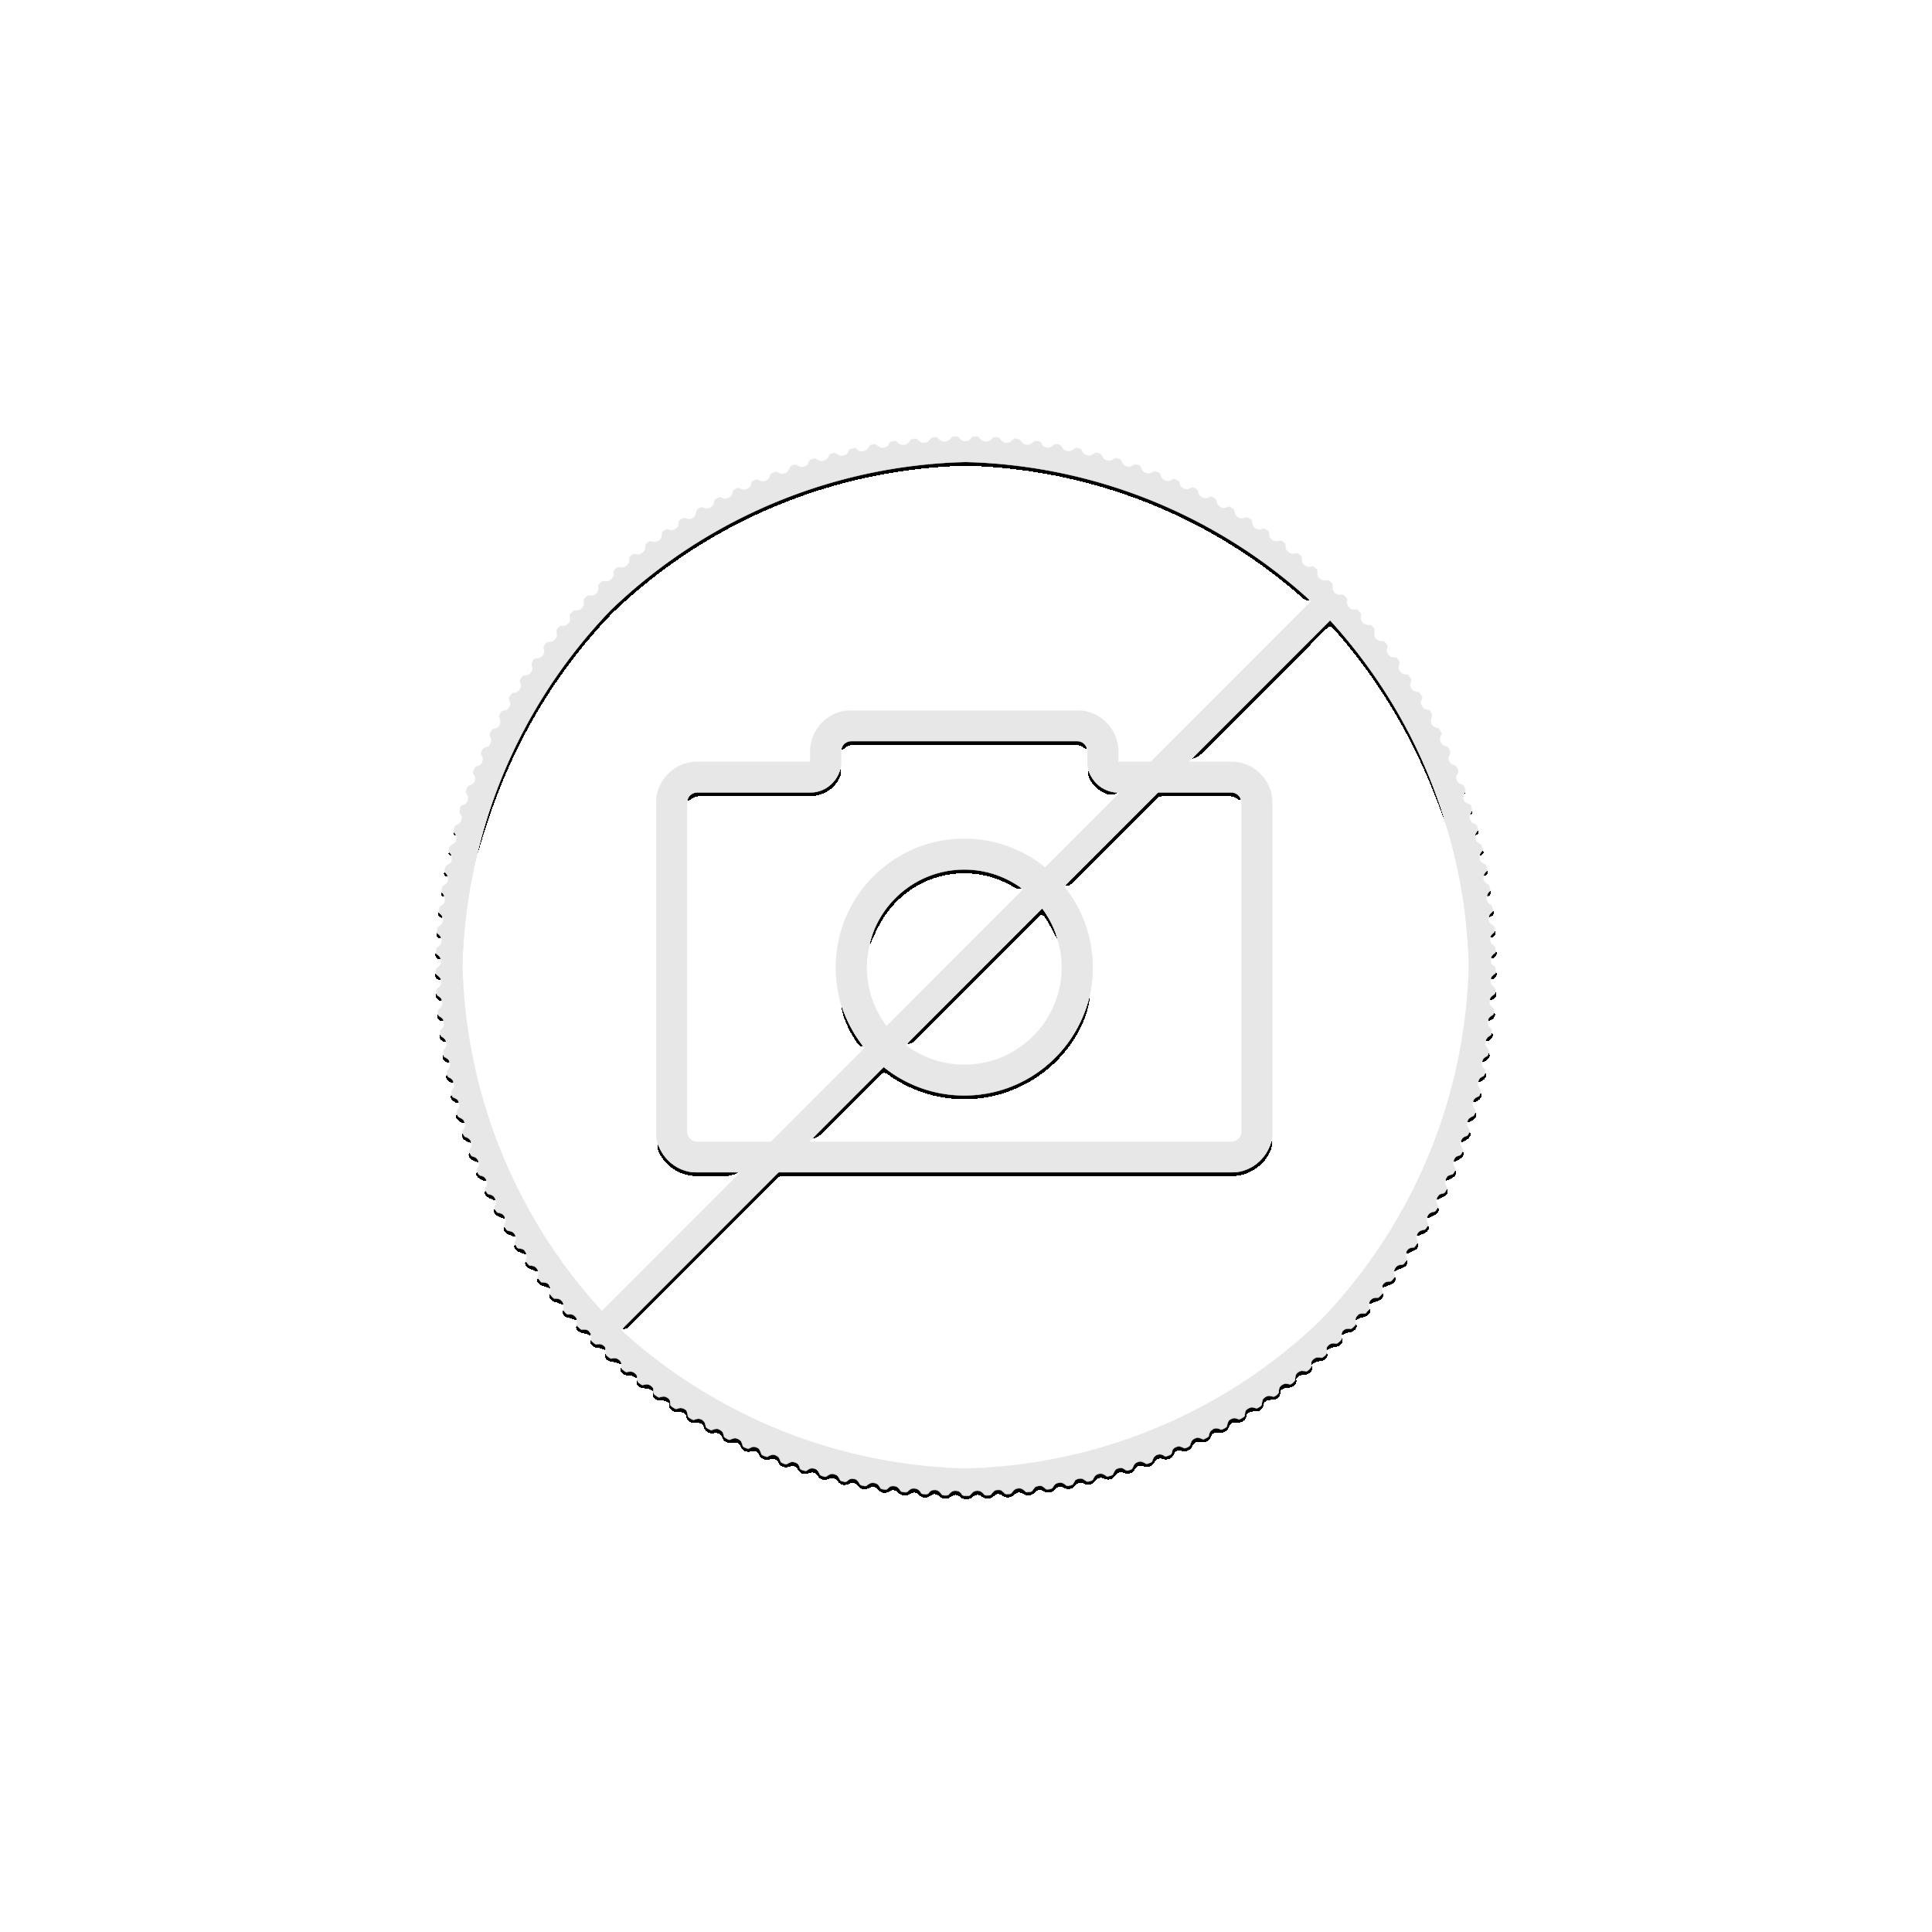 2 troy ounce silver coin self portrait Vincent van Gogh